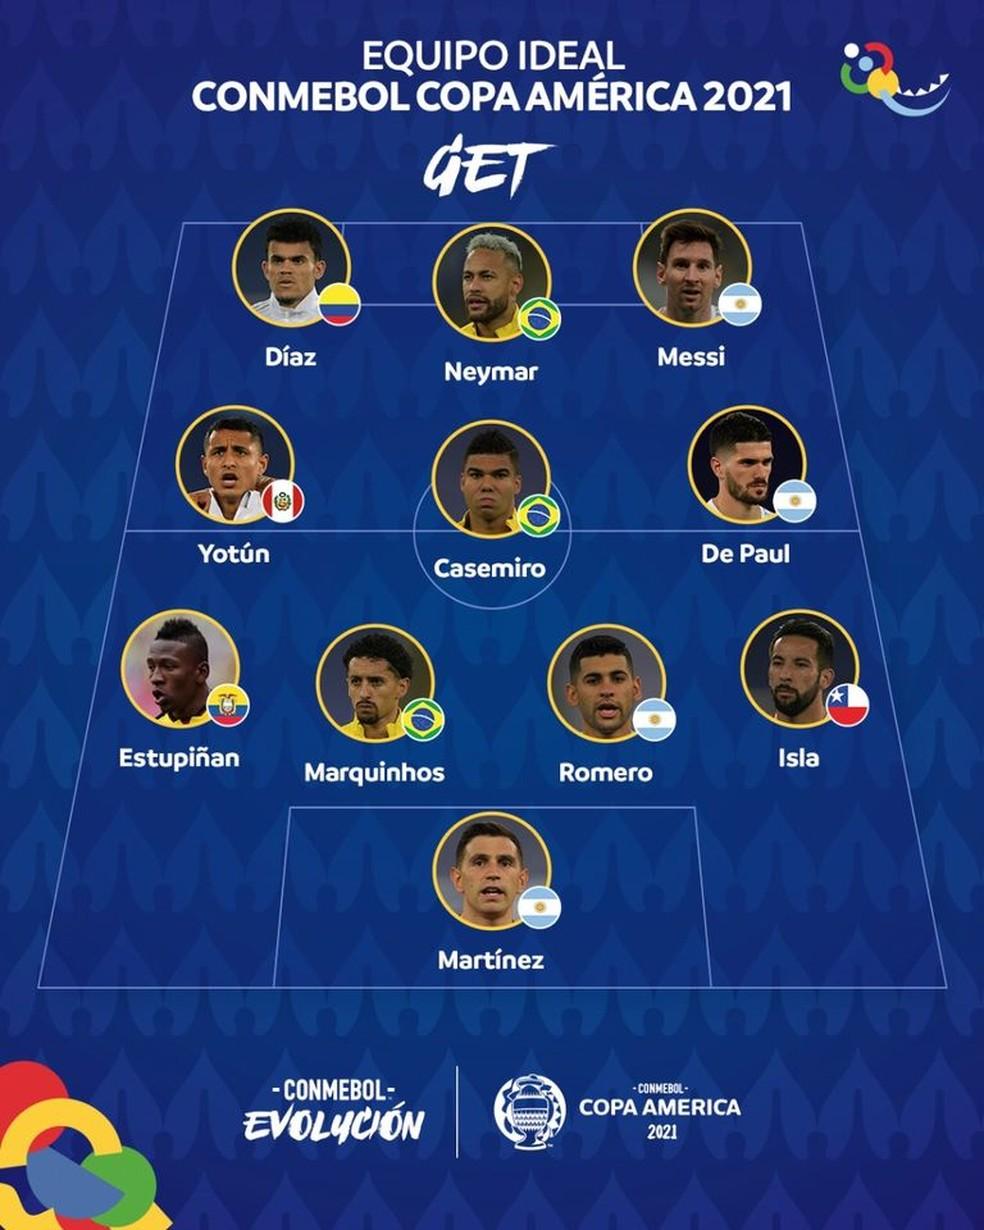 A seleção da Copa América 2021 tem Neymar, Messi e mais dois brasileiros — Foto: REPRODUÇÃO